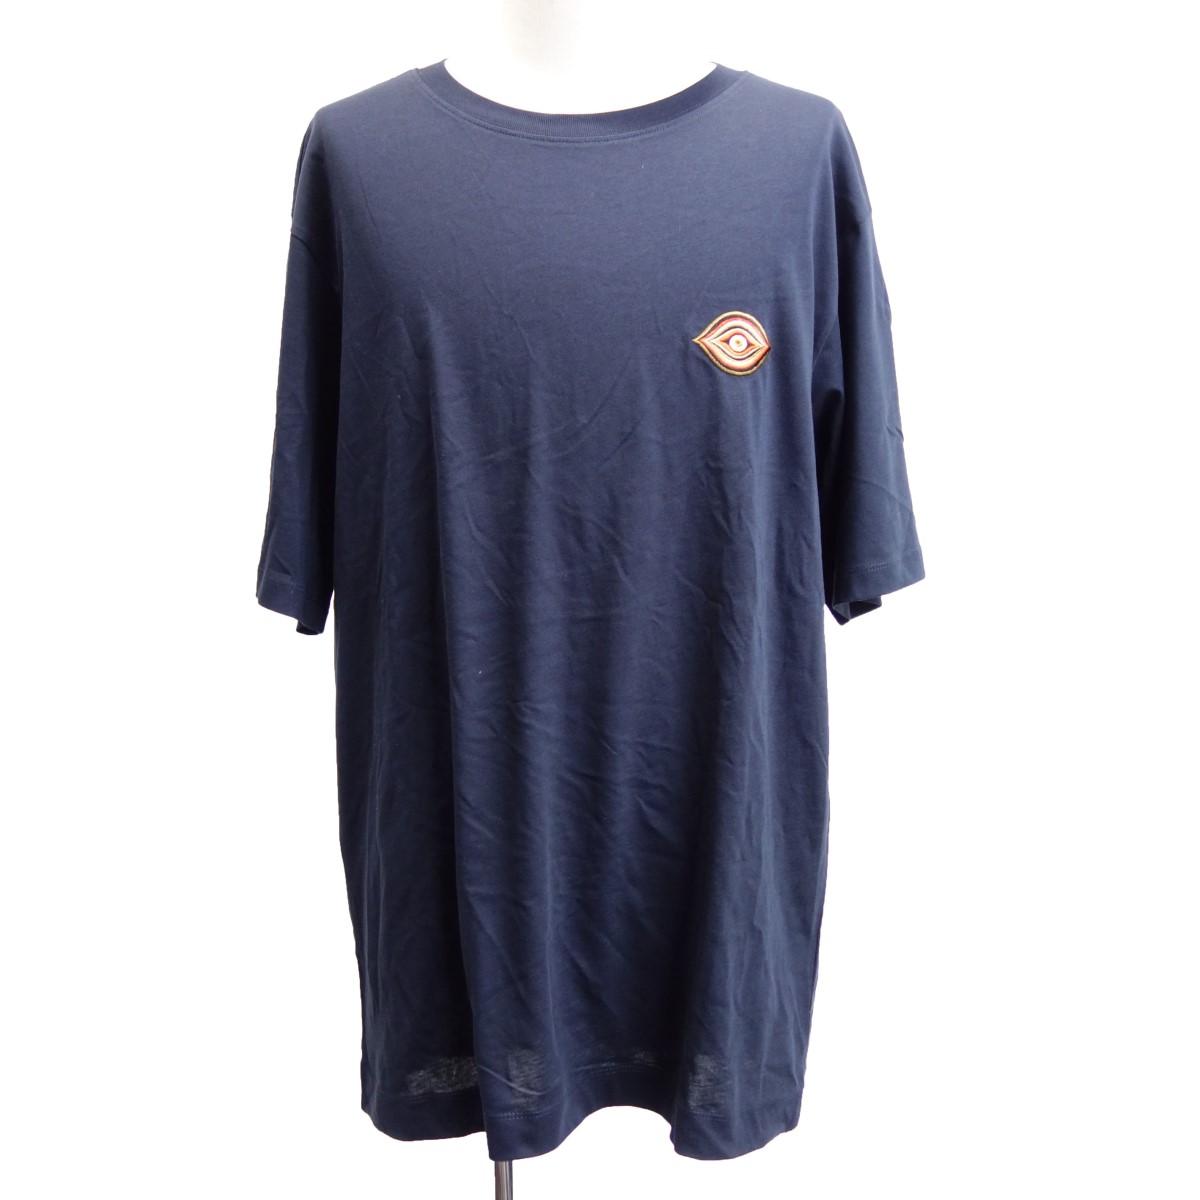 【中古】DRIES VAN NOTEN 18AW 胸EYE刺繍Tシャツ ブラック サイズ:L 【290420】(ドリスヴァンノッテン)